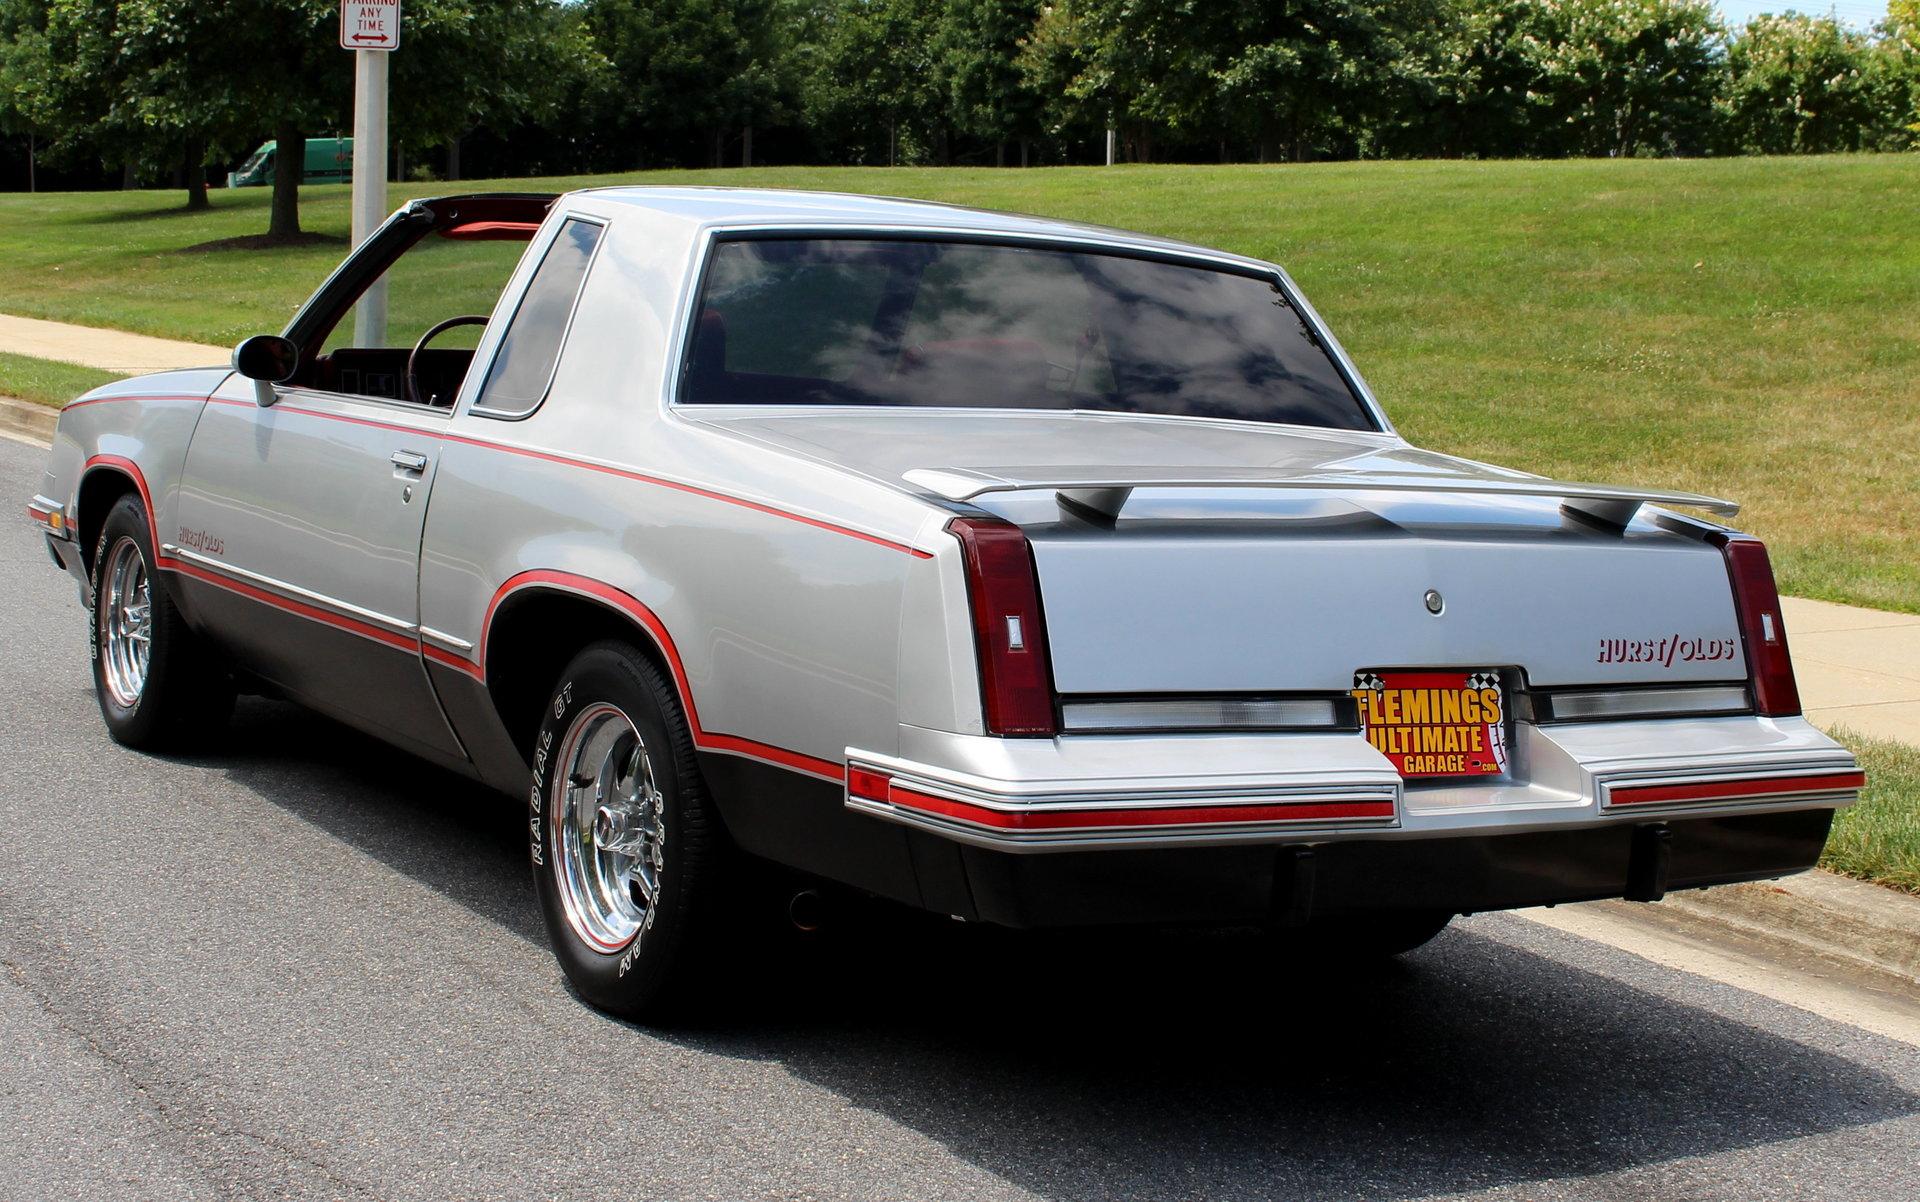 1984 Oldsmobile 442 Hurst Olds For Sale 77522 Mcg